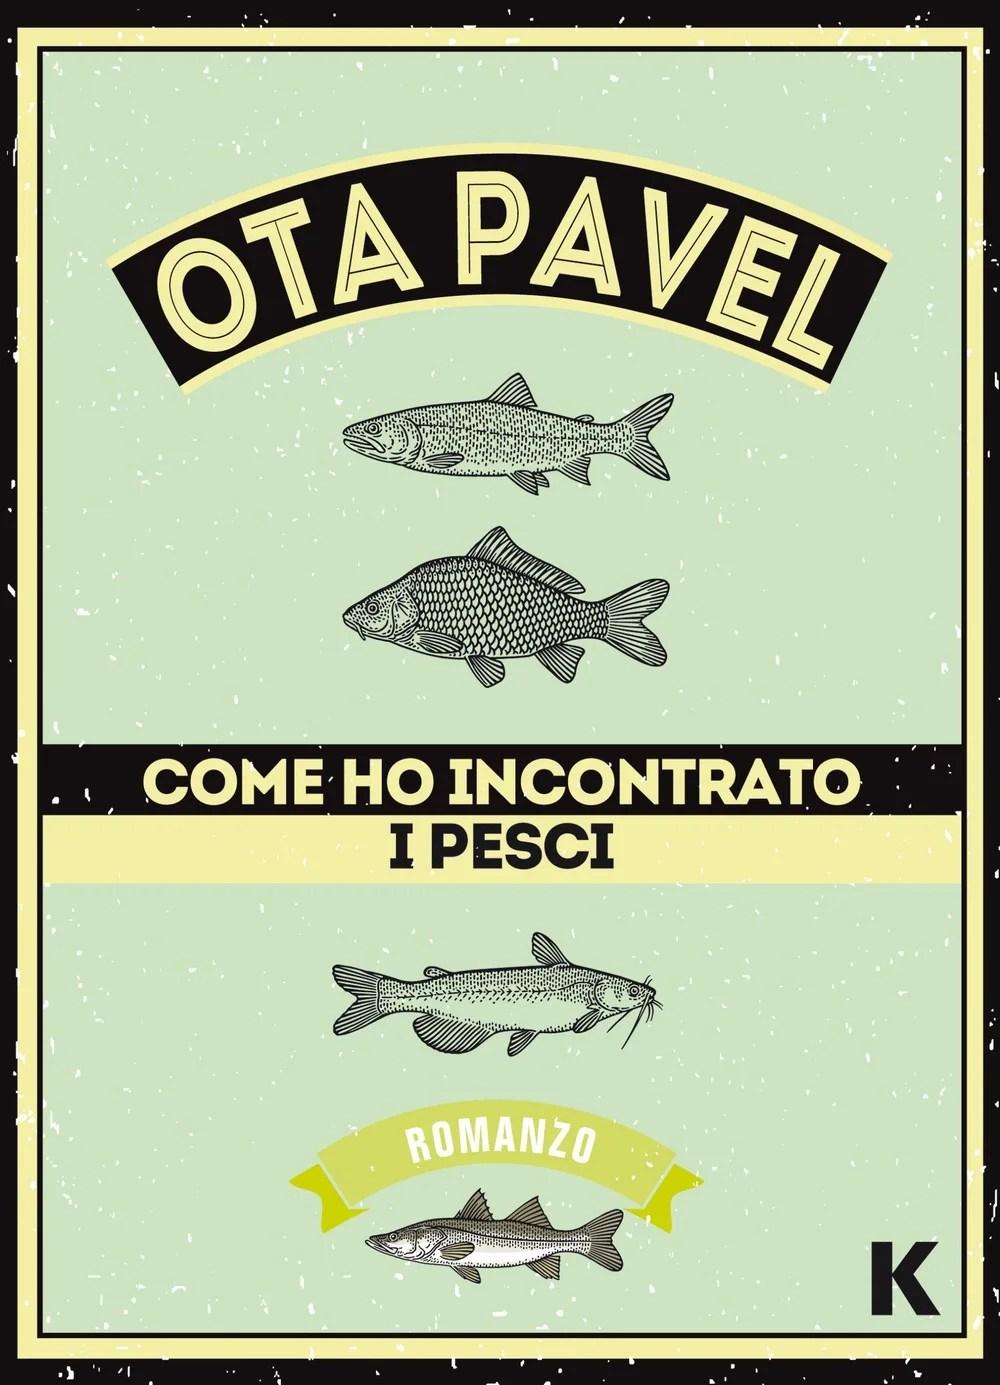 Recensione di Come Ho Incontrato I Pesci – Ota Pavel